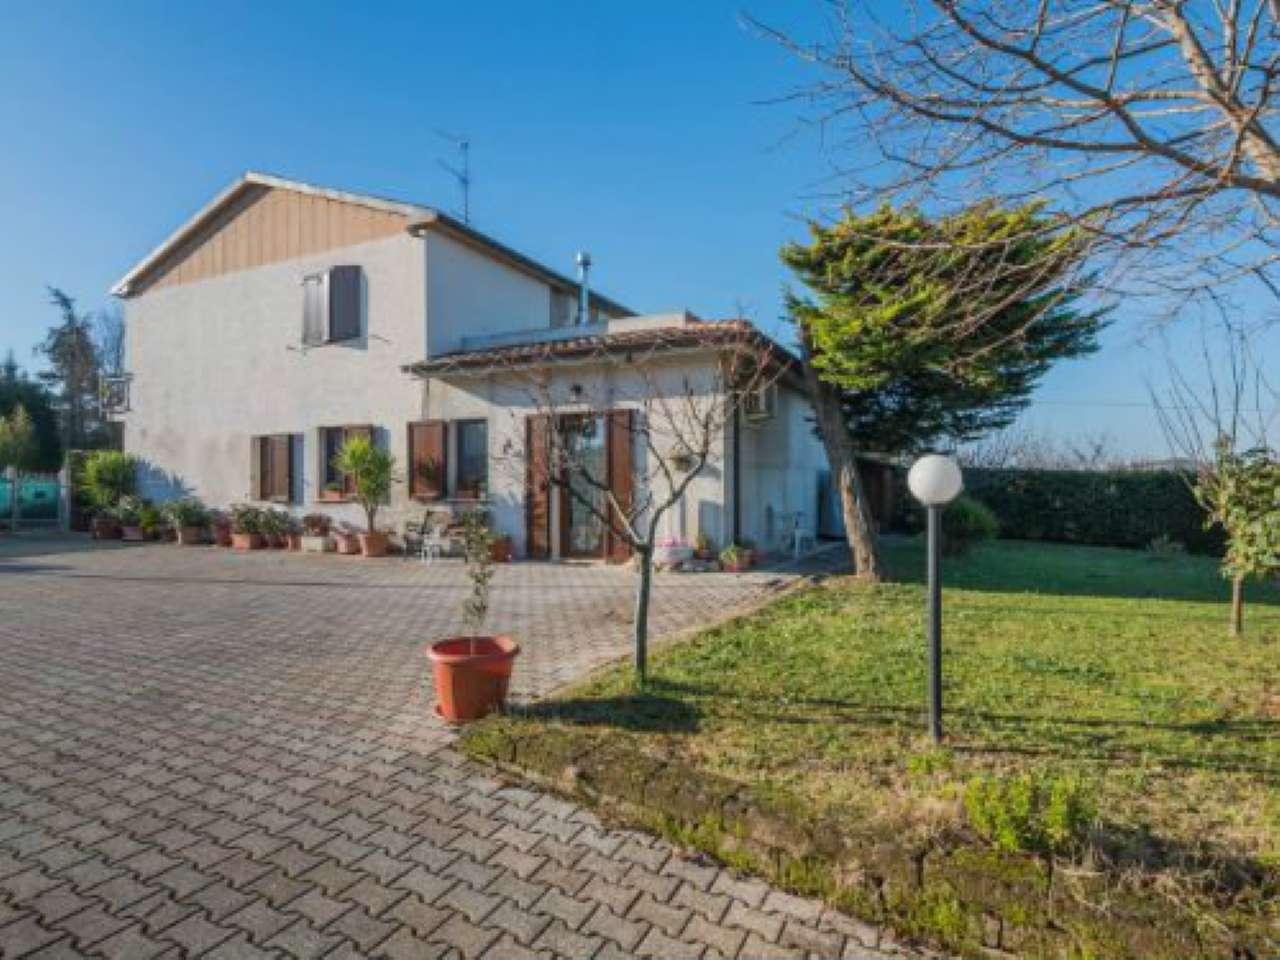 Villa in vendita a Polverigi, 7 locali, prezzo € 268.000   CambioCasa.it